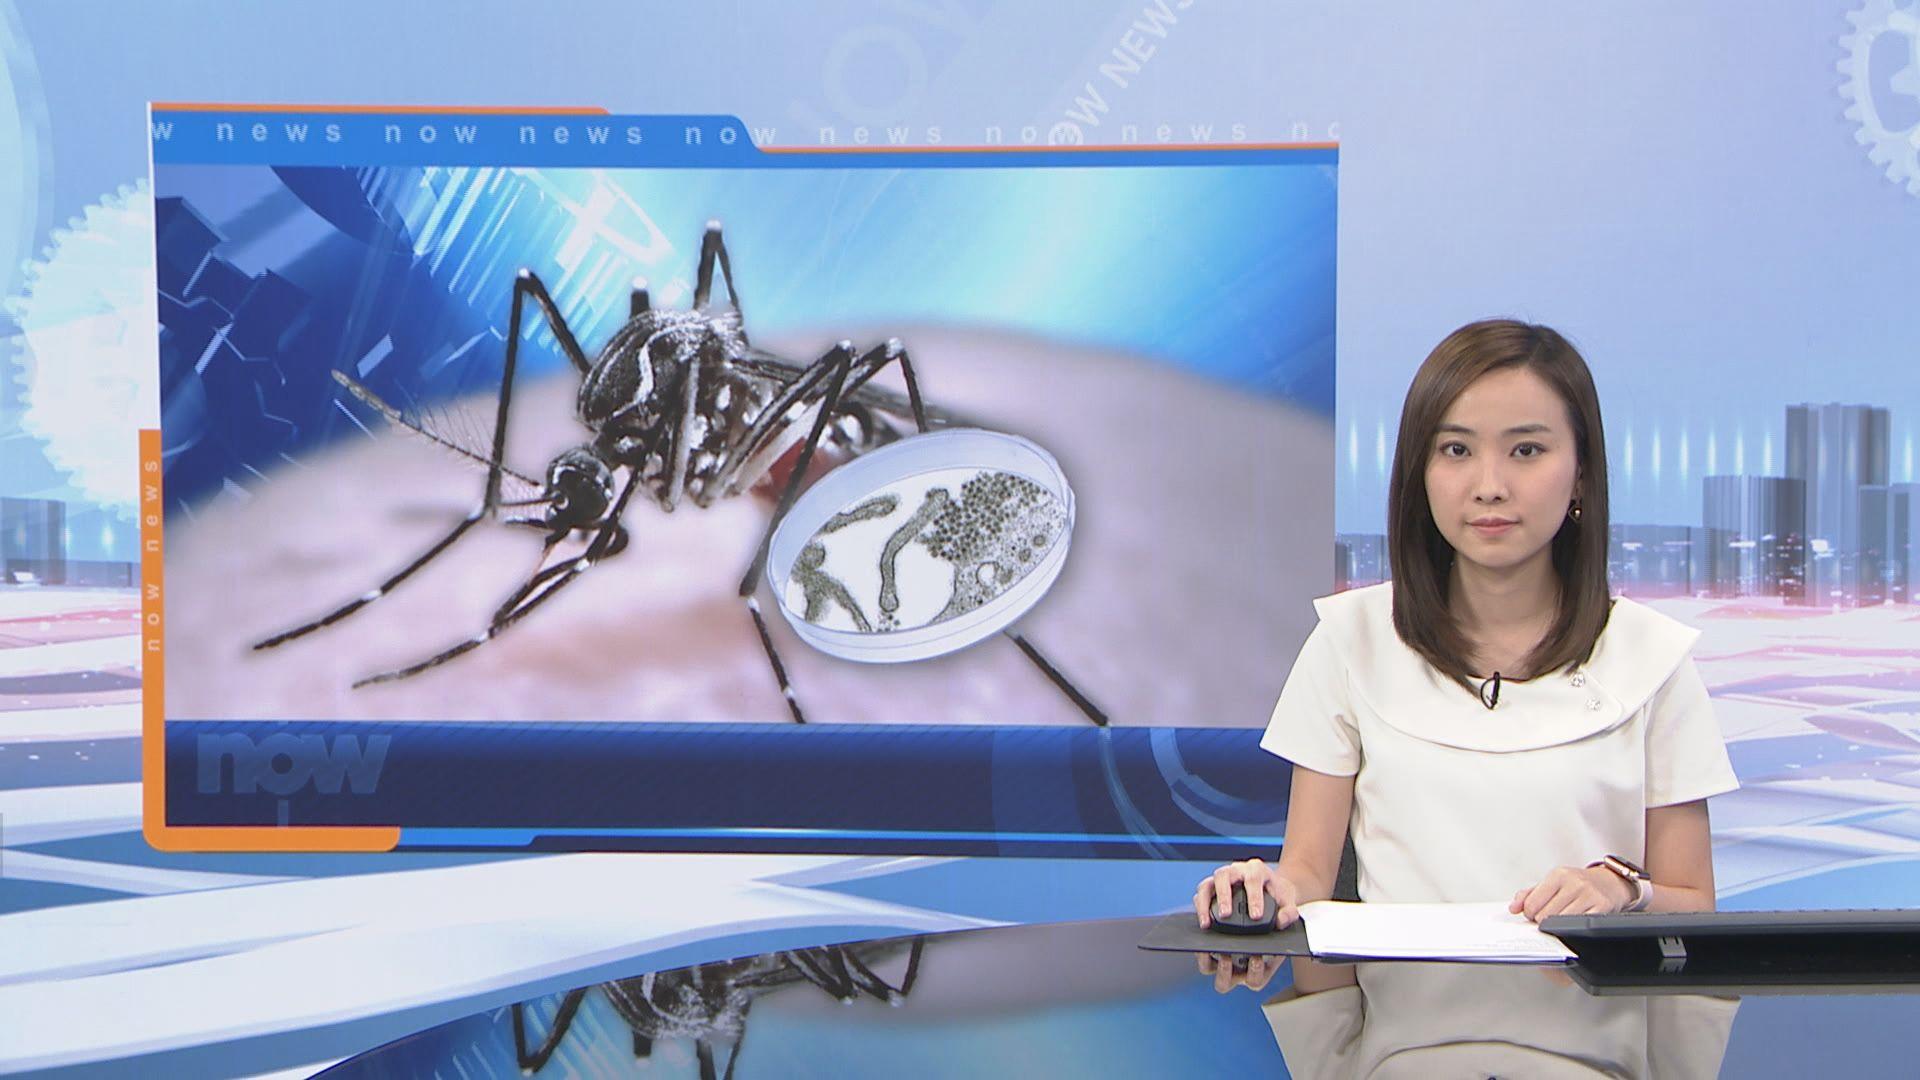 上月白紋伊蚊誘蚊產卵器指數達15.7%